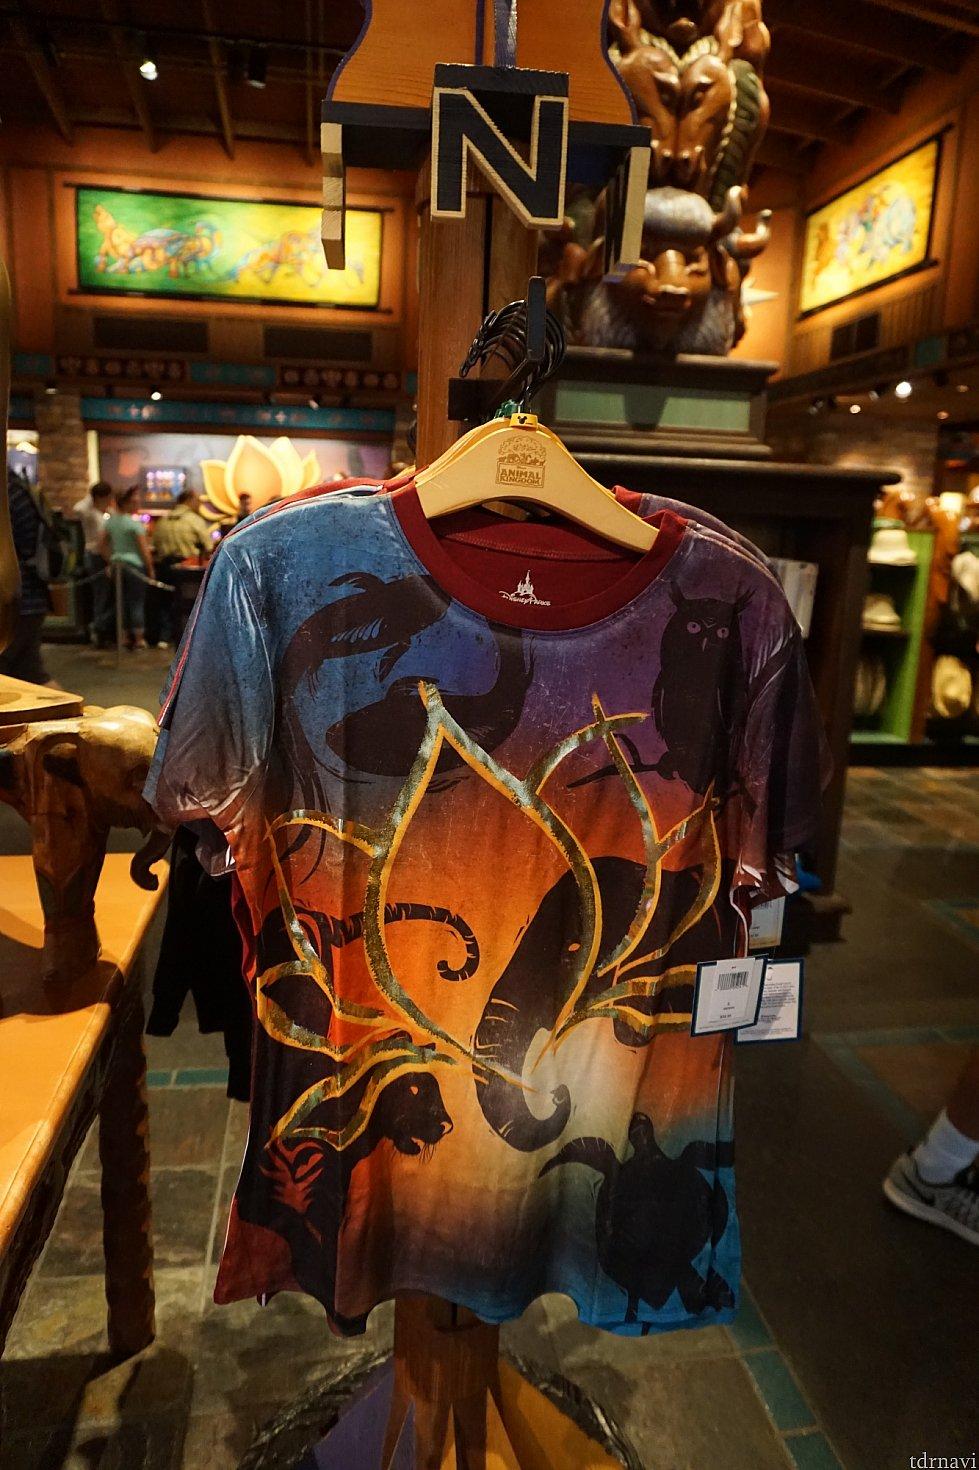 女性用のTシャツ。$32.95。これを着ているゲストの方がいましたが、とてもおしゃれに着こなしていました。背が高く、足も凄く長かったのでダンサーさんかなぁ?